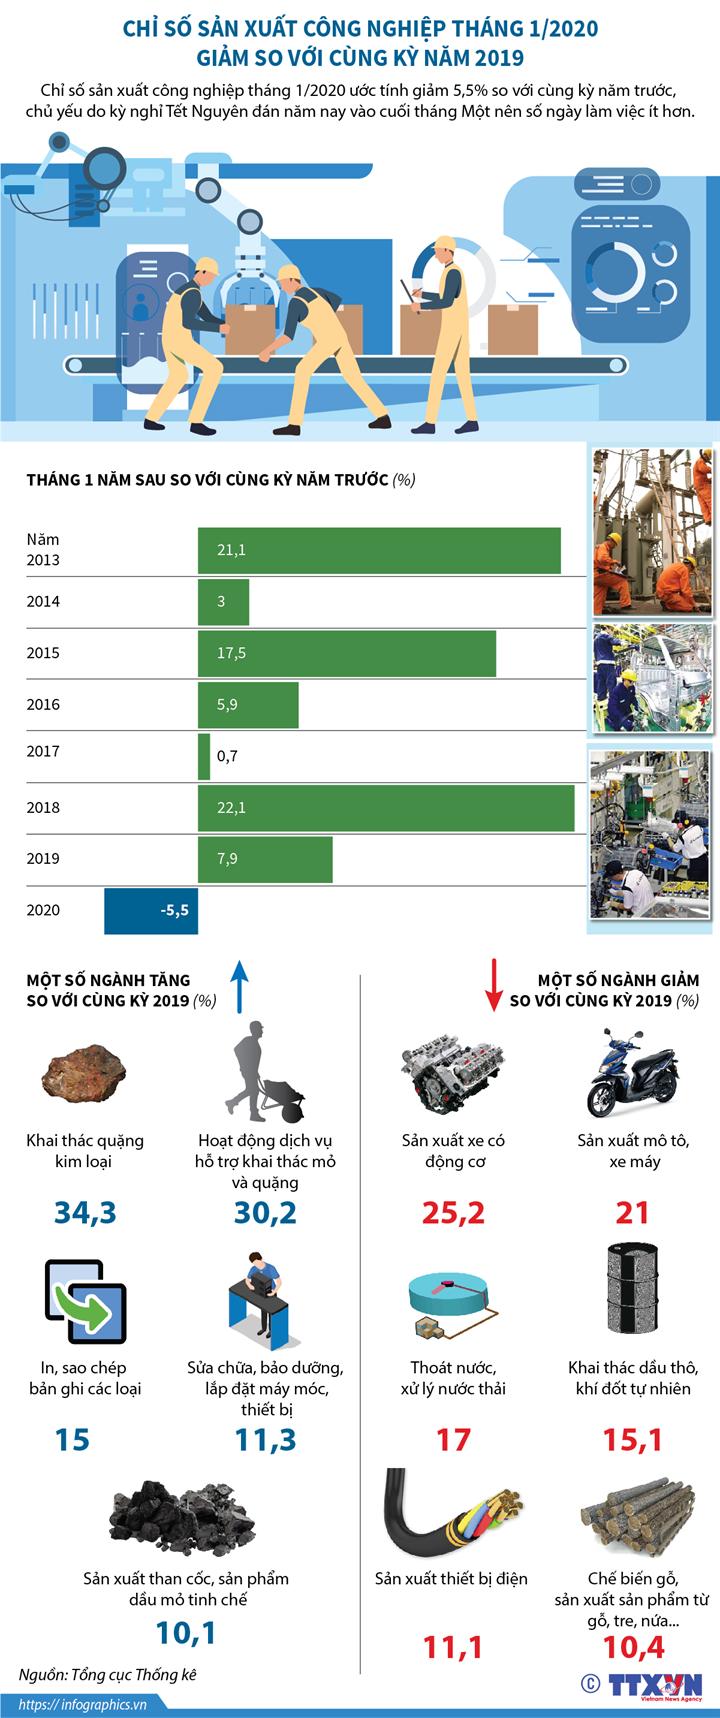 Chỉ số sản xuất công nghiệp tháng 1/2020 giảm so với cùng kỳ năm 2019